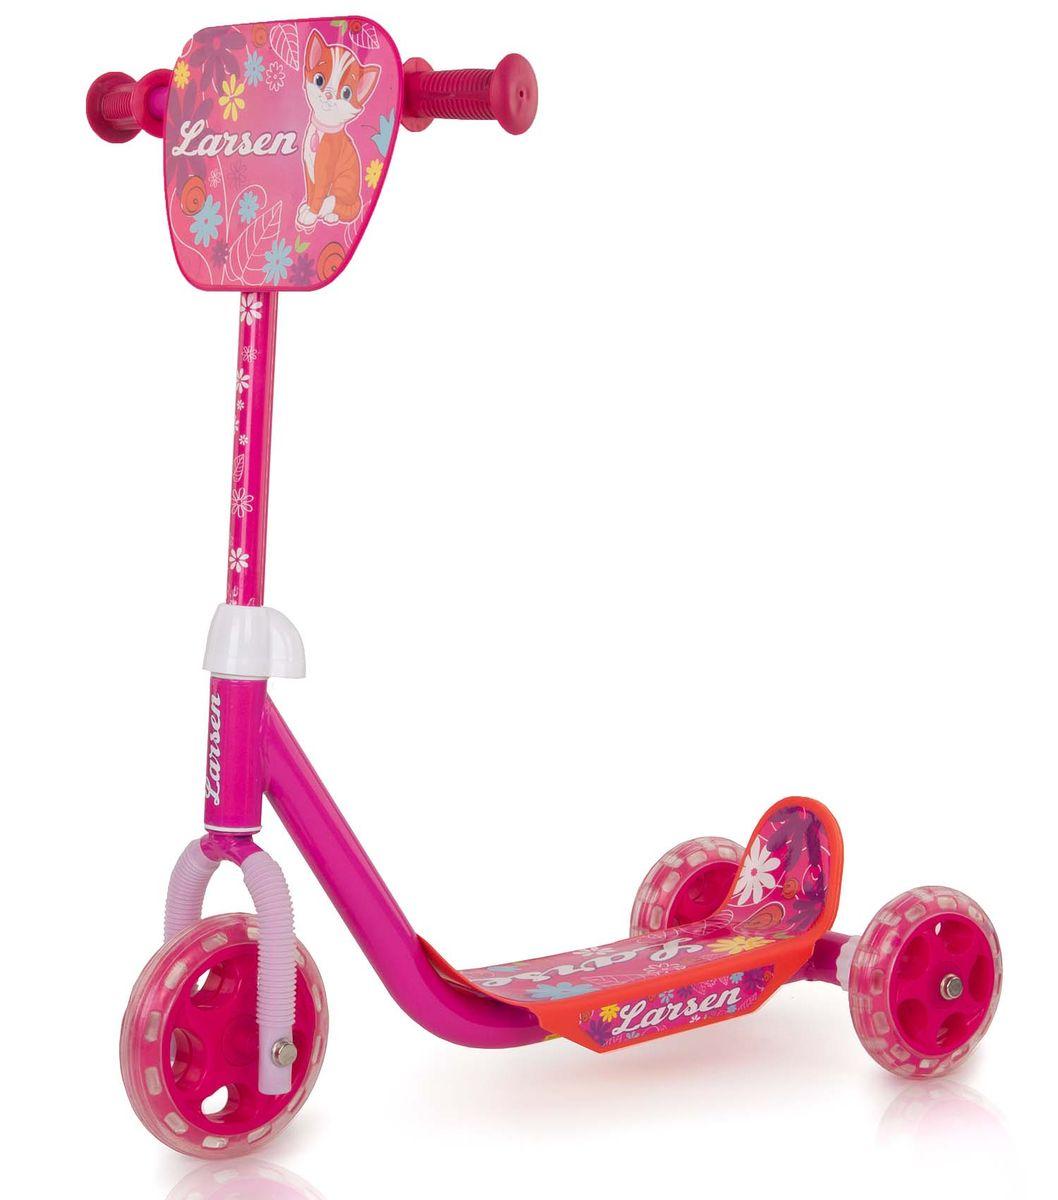 Самокат Larsen Girl, цвет: розовый. GS-002A-RB цена